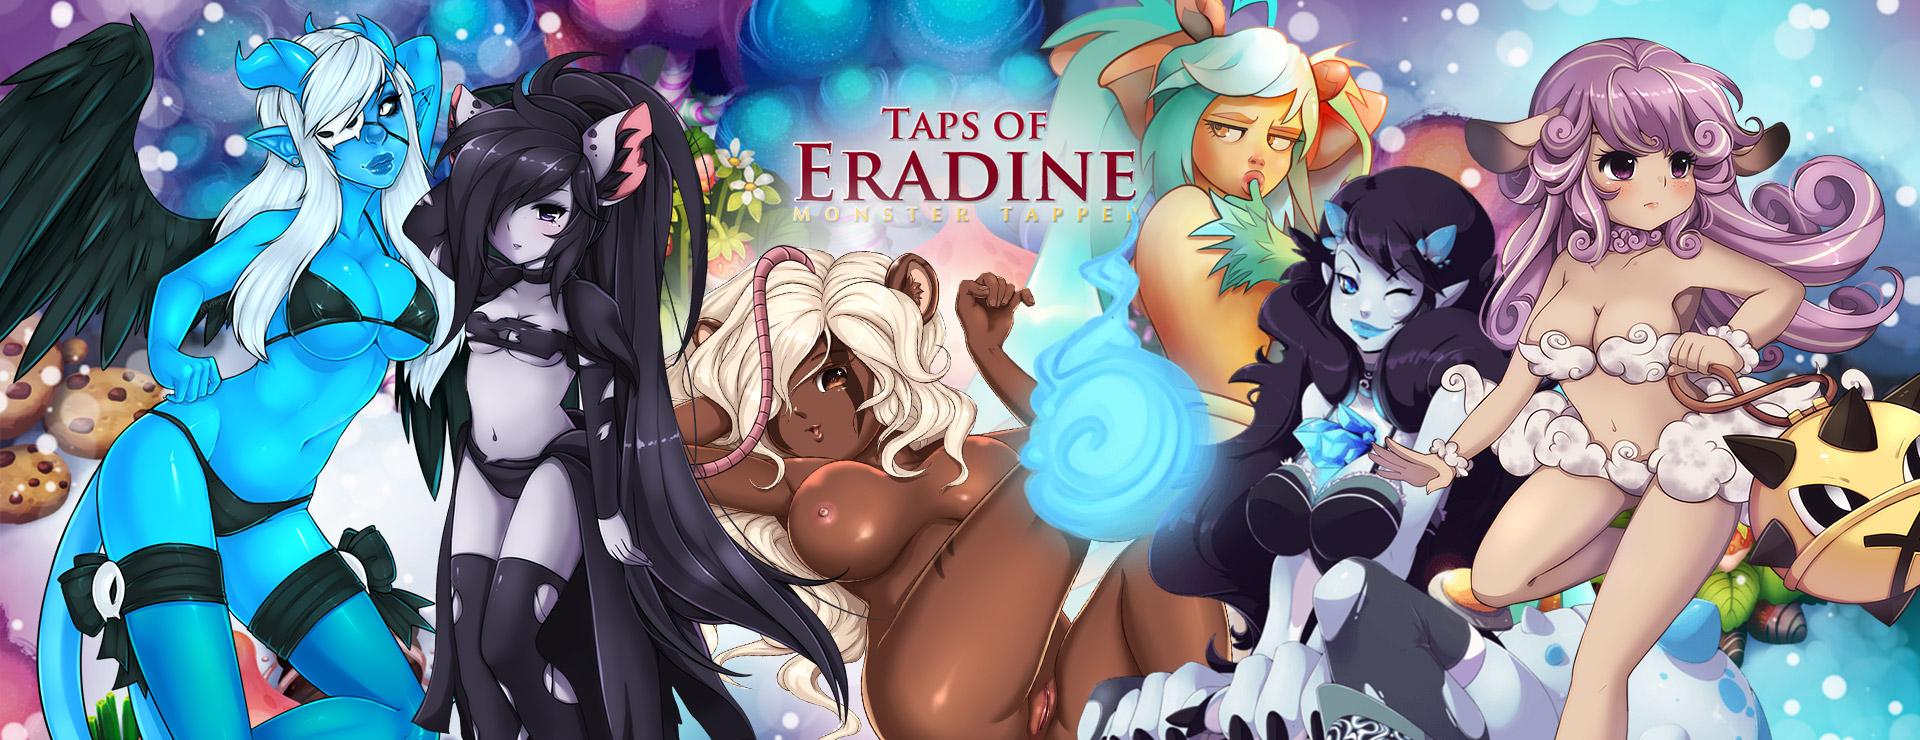 Taps of Eradine - Casual Game